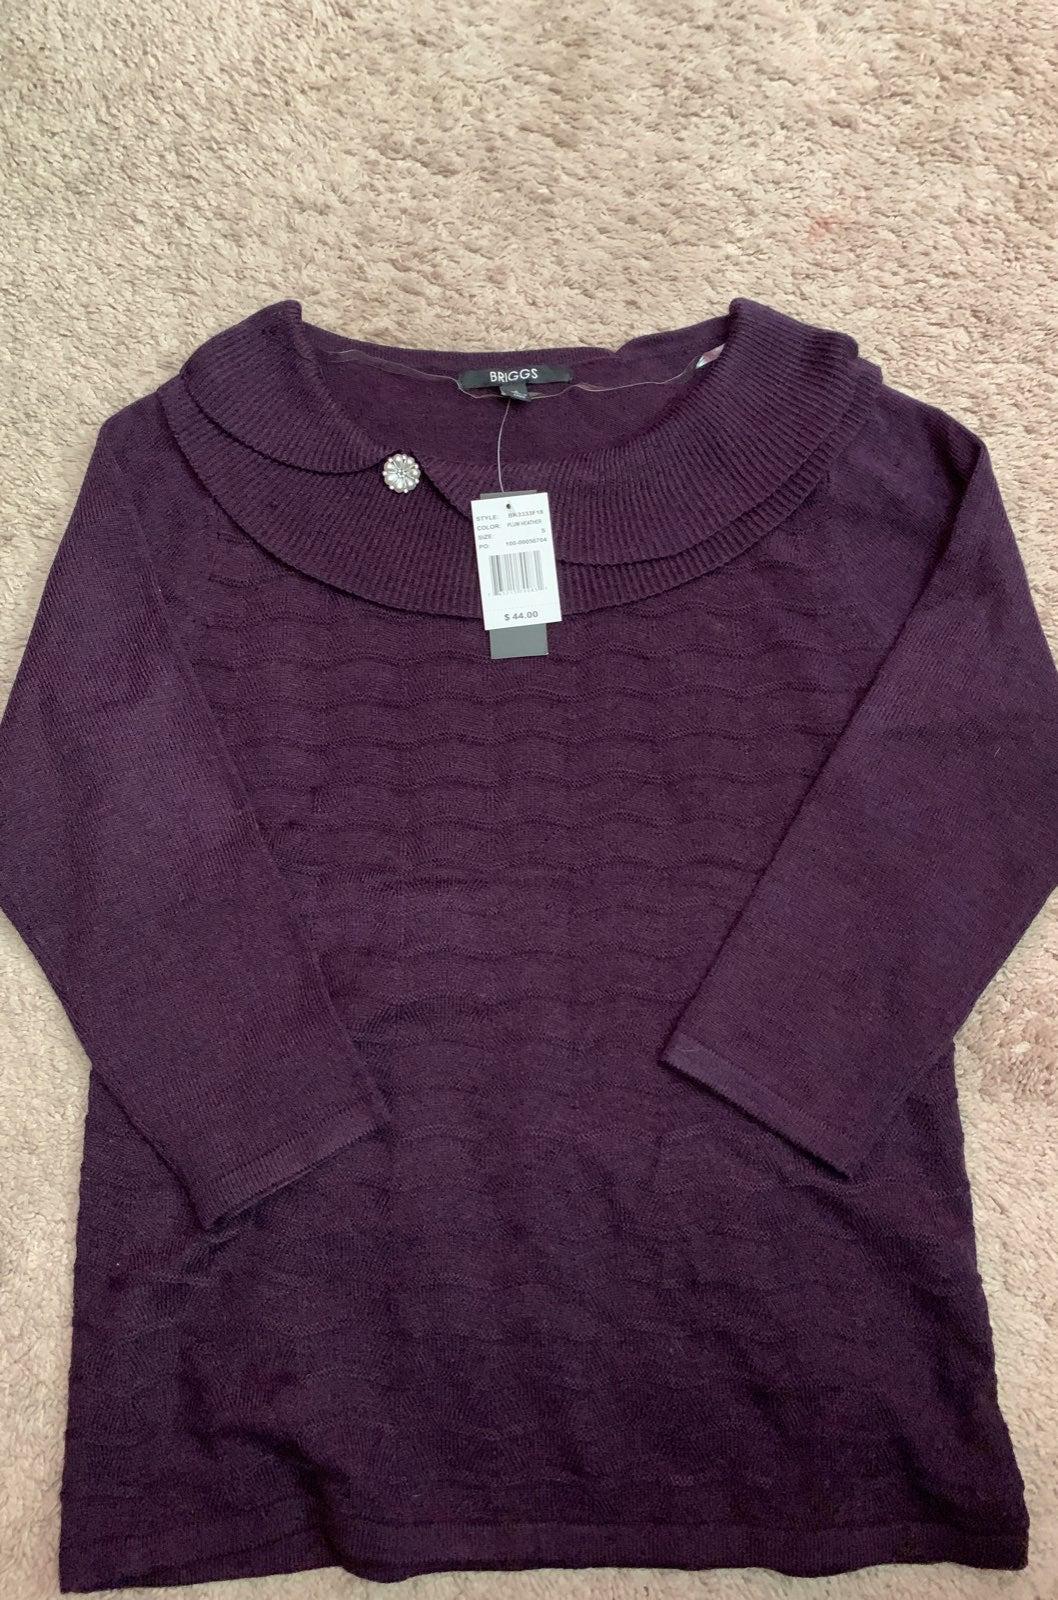 Briggs plum detail sweater